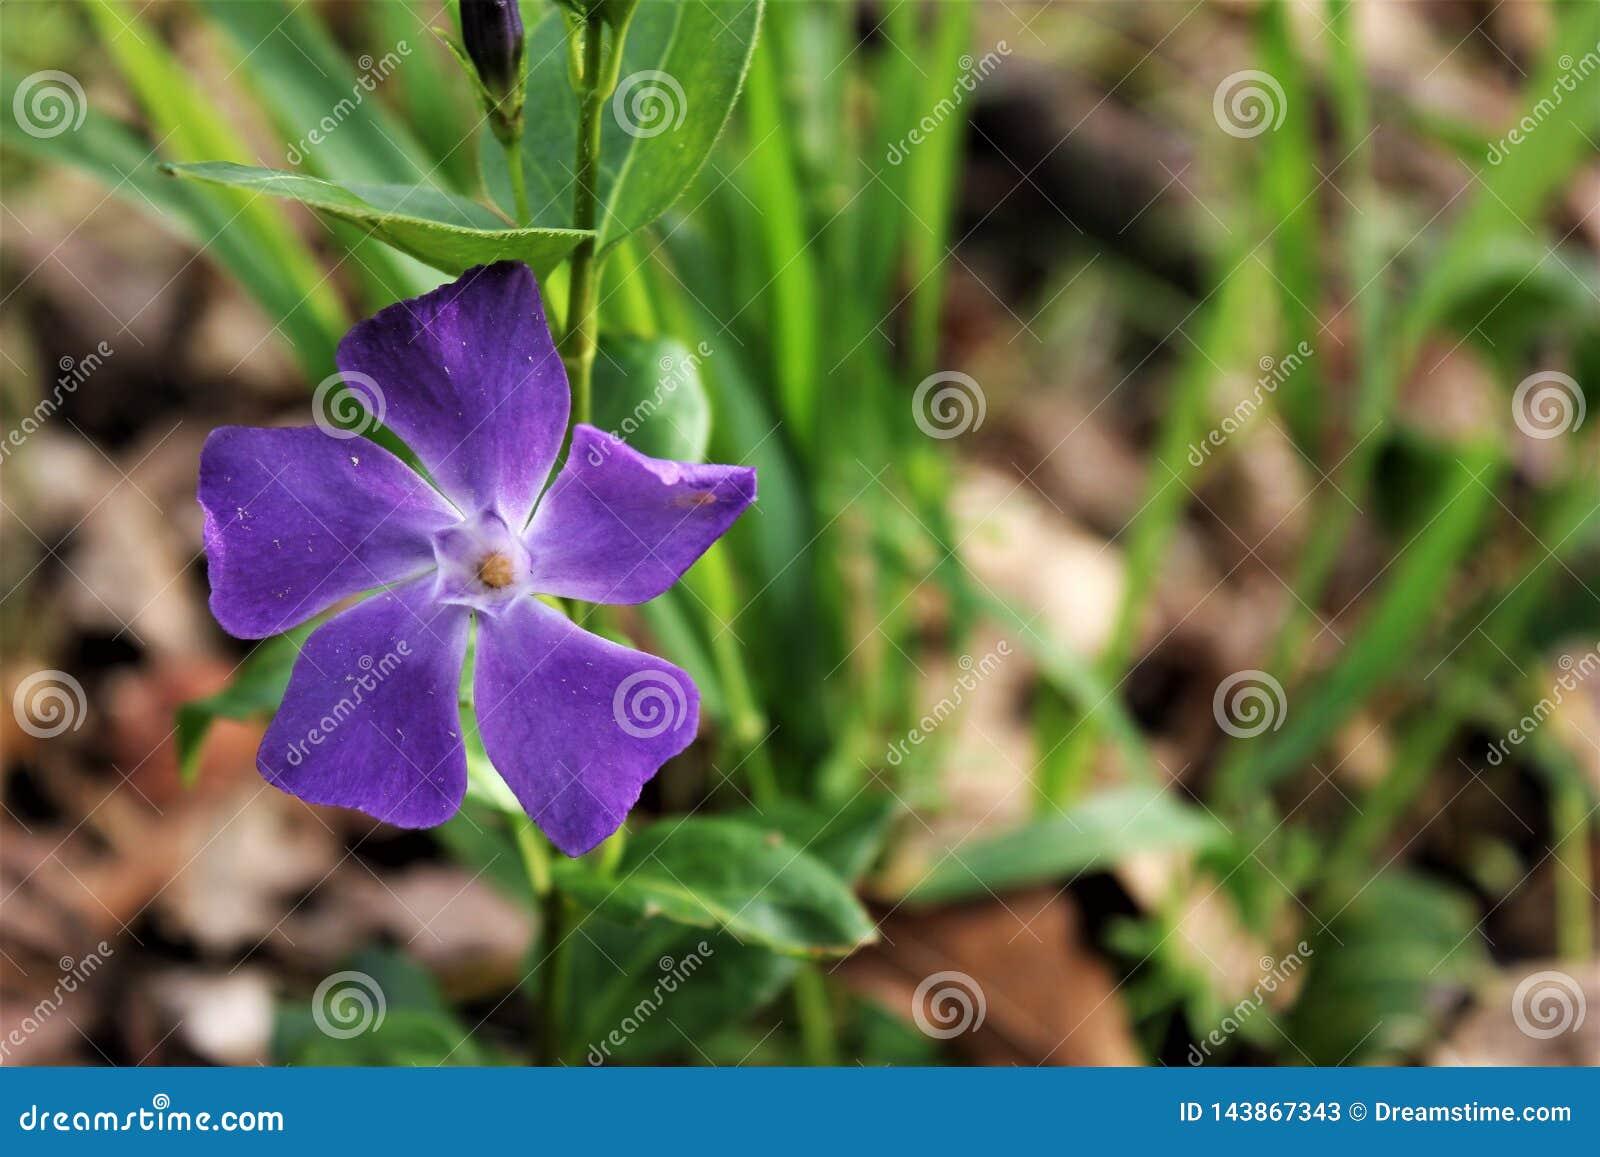 Wildflower Violet Purple com descentralizado esquerdo